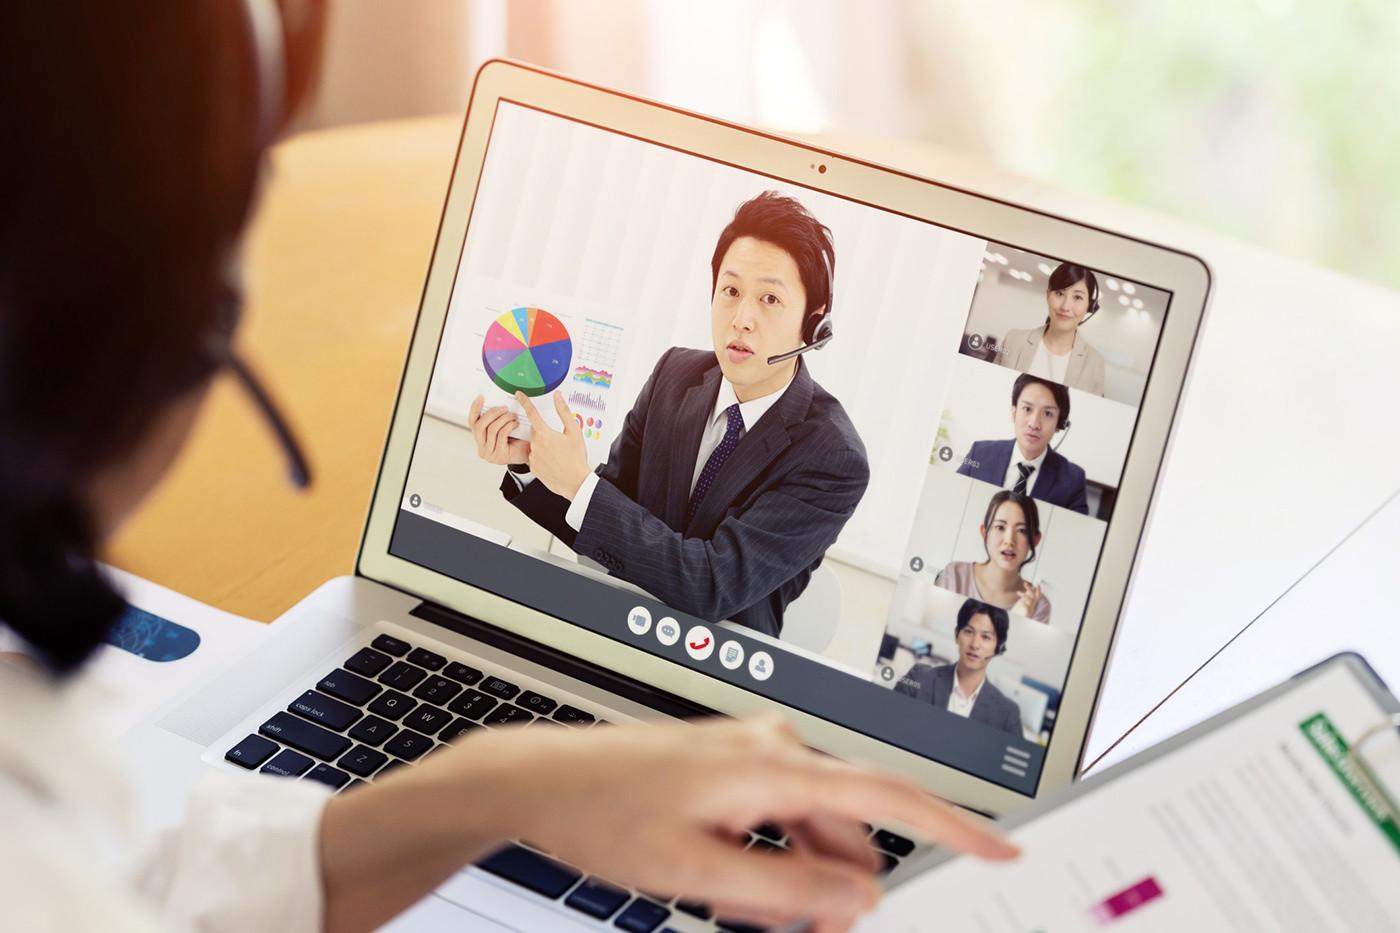 オンラインでミーティングをするPCの画面に映る男性